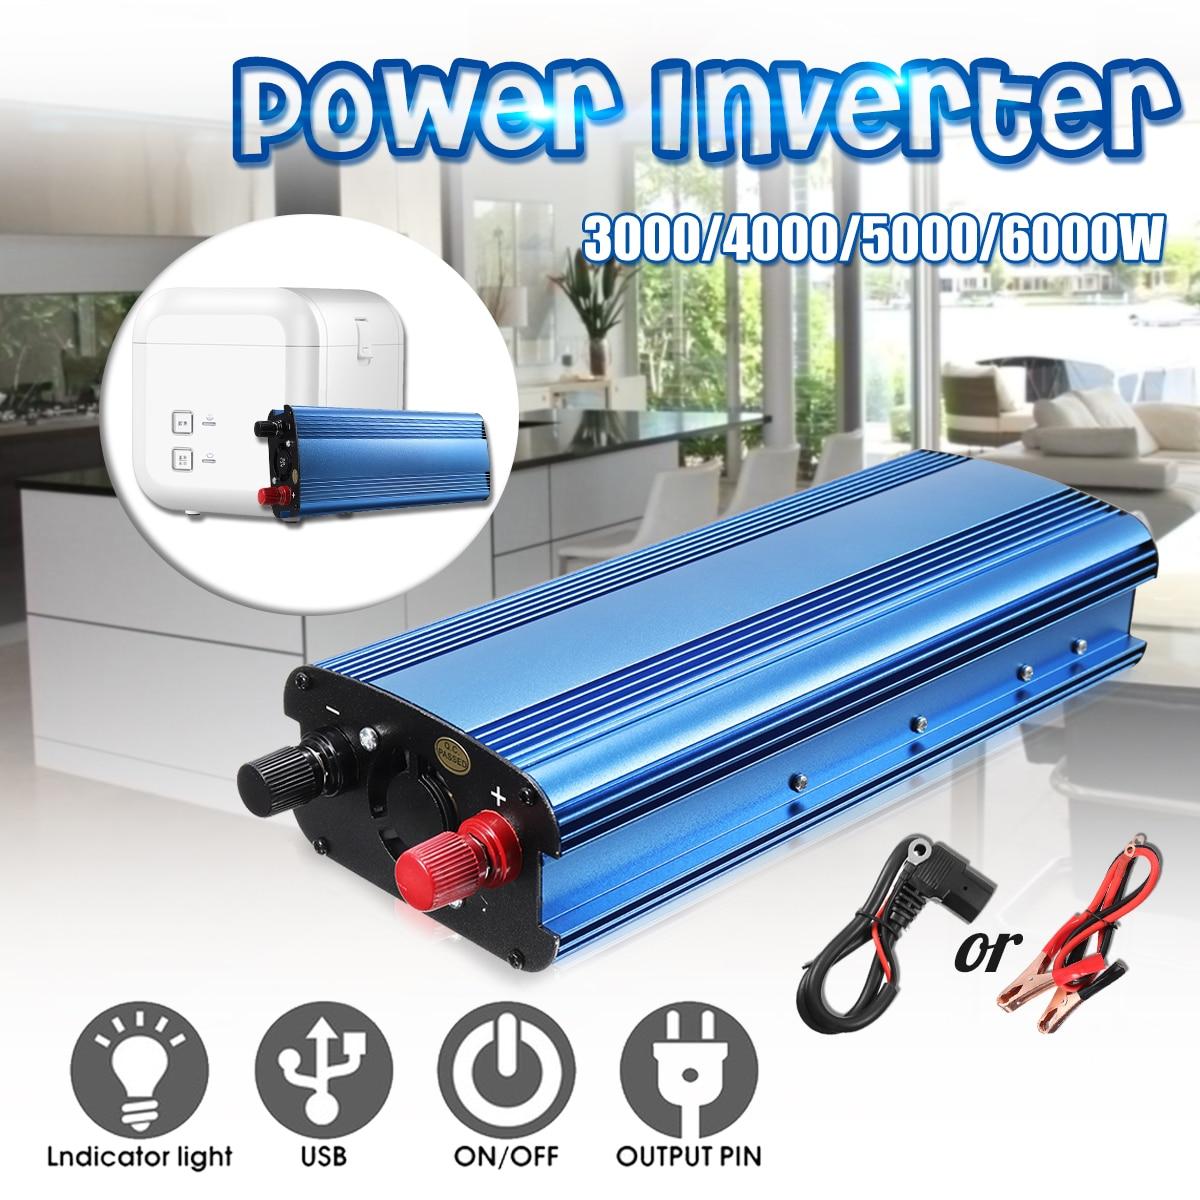 3000W/4000W/5000W/6000W Peak Power Inverter DC 12V/24V/48V/60V To AC 220V Sine Wave Solar Inverter Car Charger Voltage Convertor 4000w peak w 4 usb car power inverter 2000w dc 12v to ac 220v charger converter car led power inverter 4000w dc 12v to ac220v